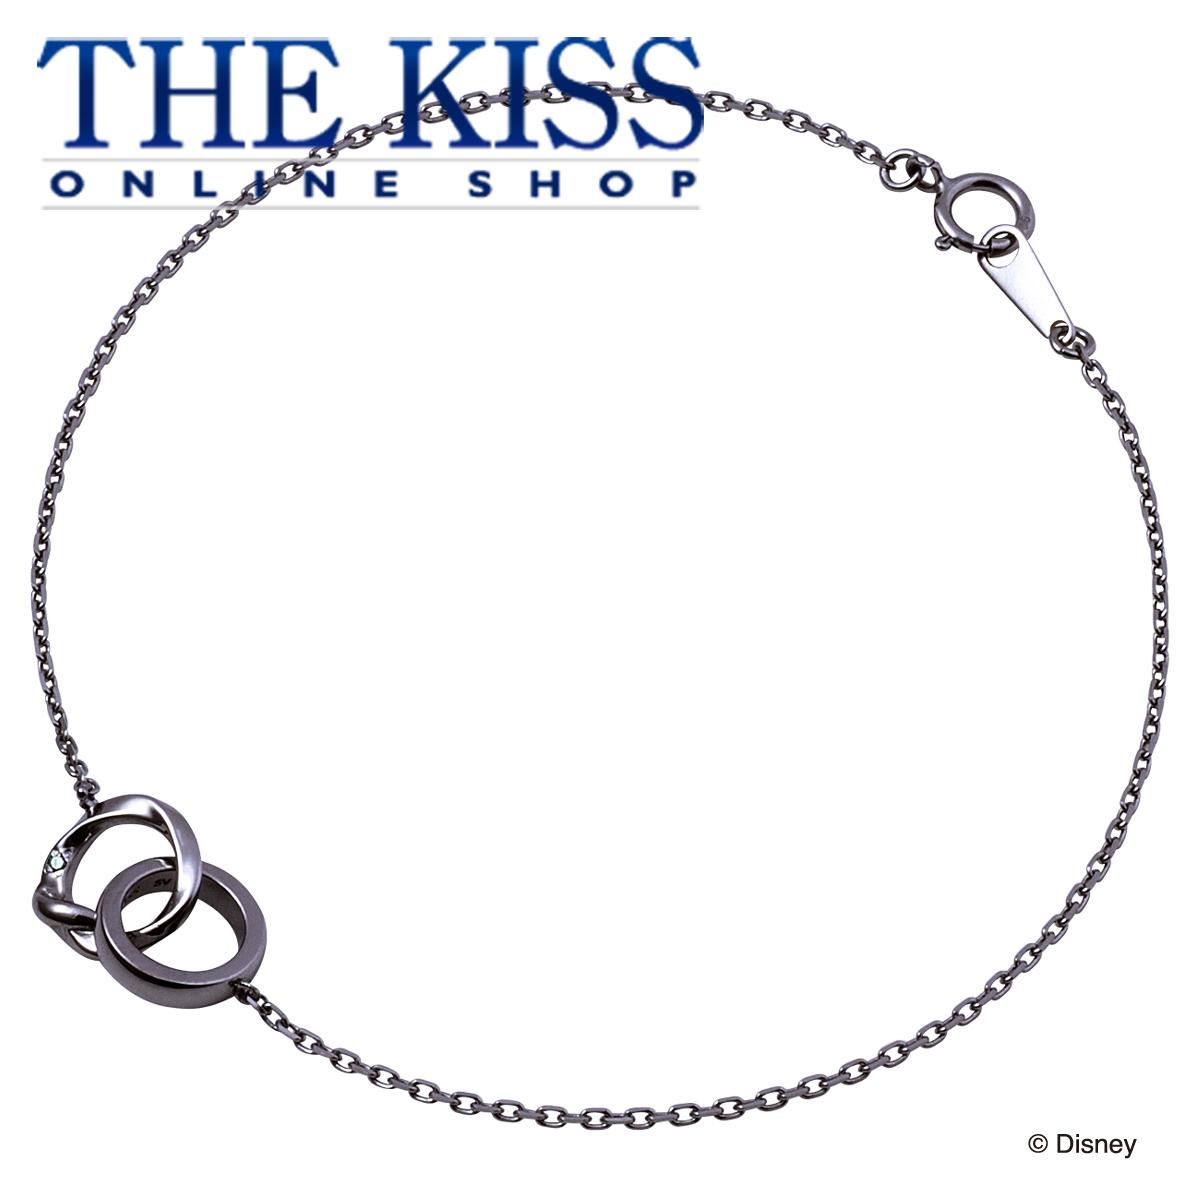 【あす楽対応】【ディズニーコレクション】 ディズニー / ブレスレット / ディズニープリンセス ラプンツェル / THE KISS ペア ブレスレット シルバー (メンズ 単品) DI-SBR6015CB ザキス 【送料無料】